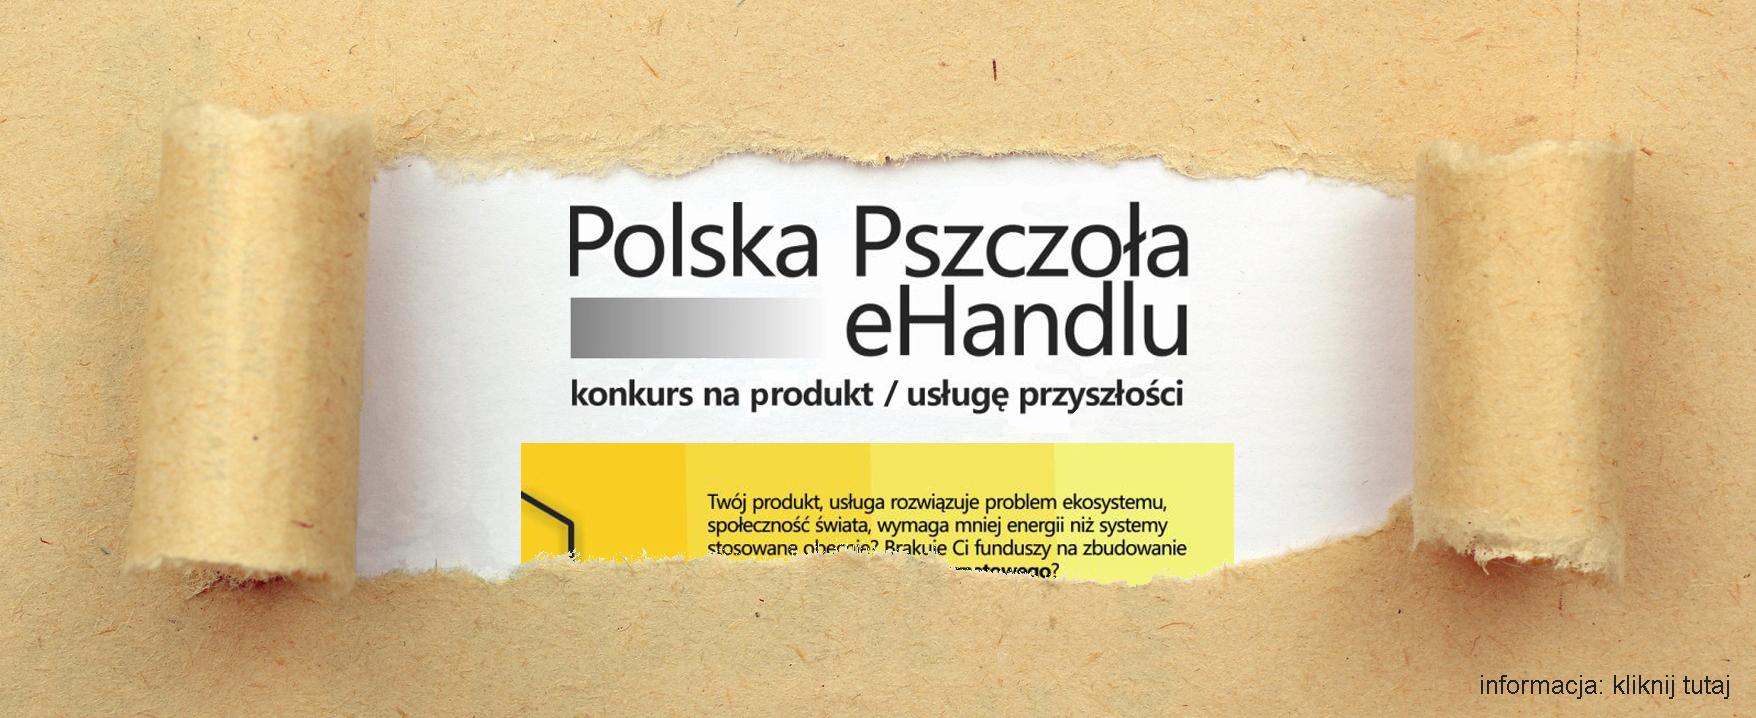 Polska Pszczoła